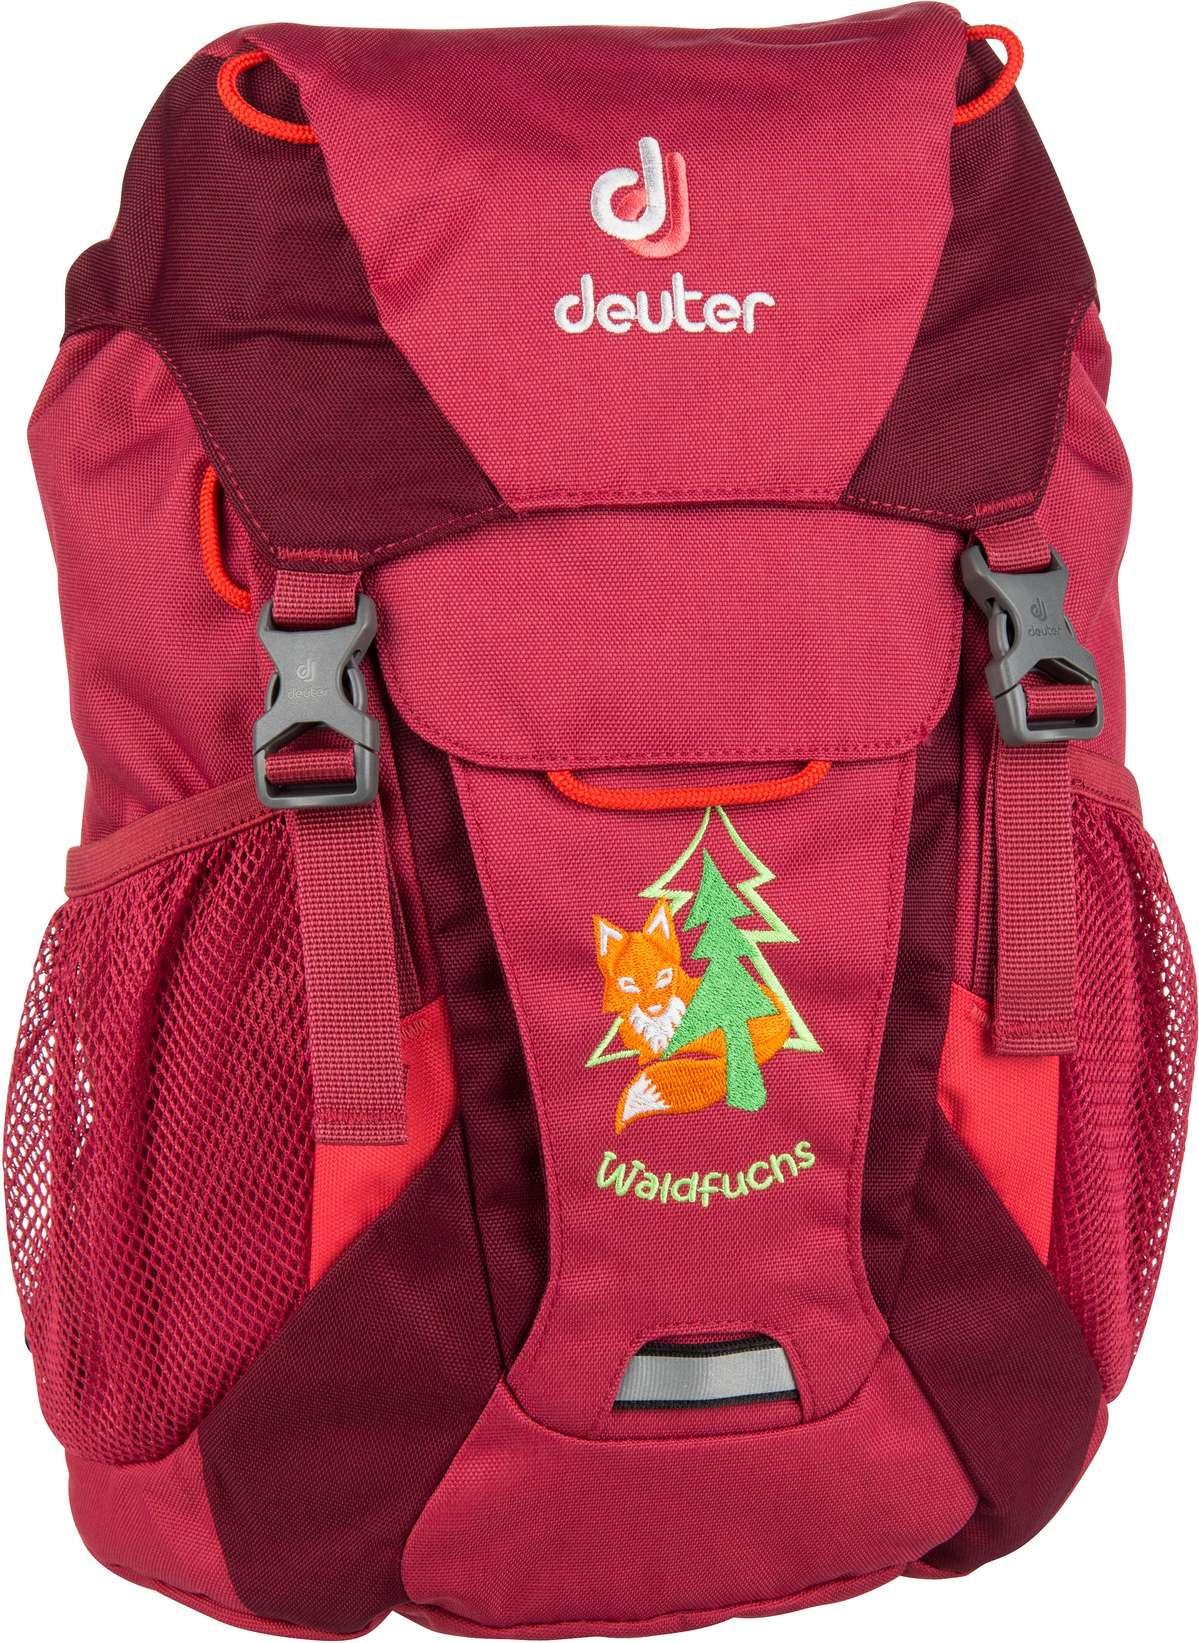 Rucksack / Daypack Waldfuchs Cardinal/Maron (10 Liter)